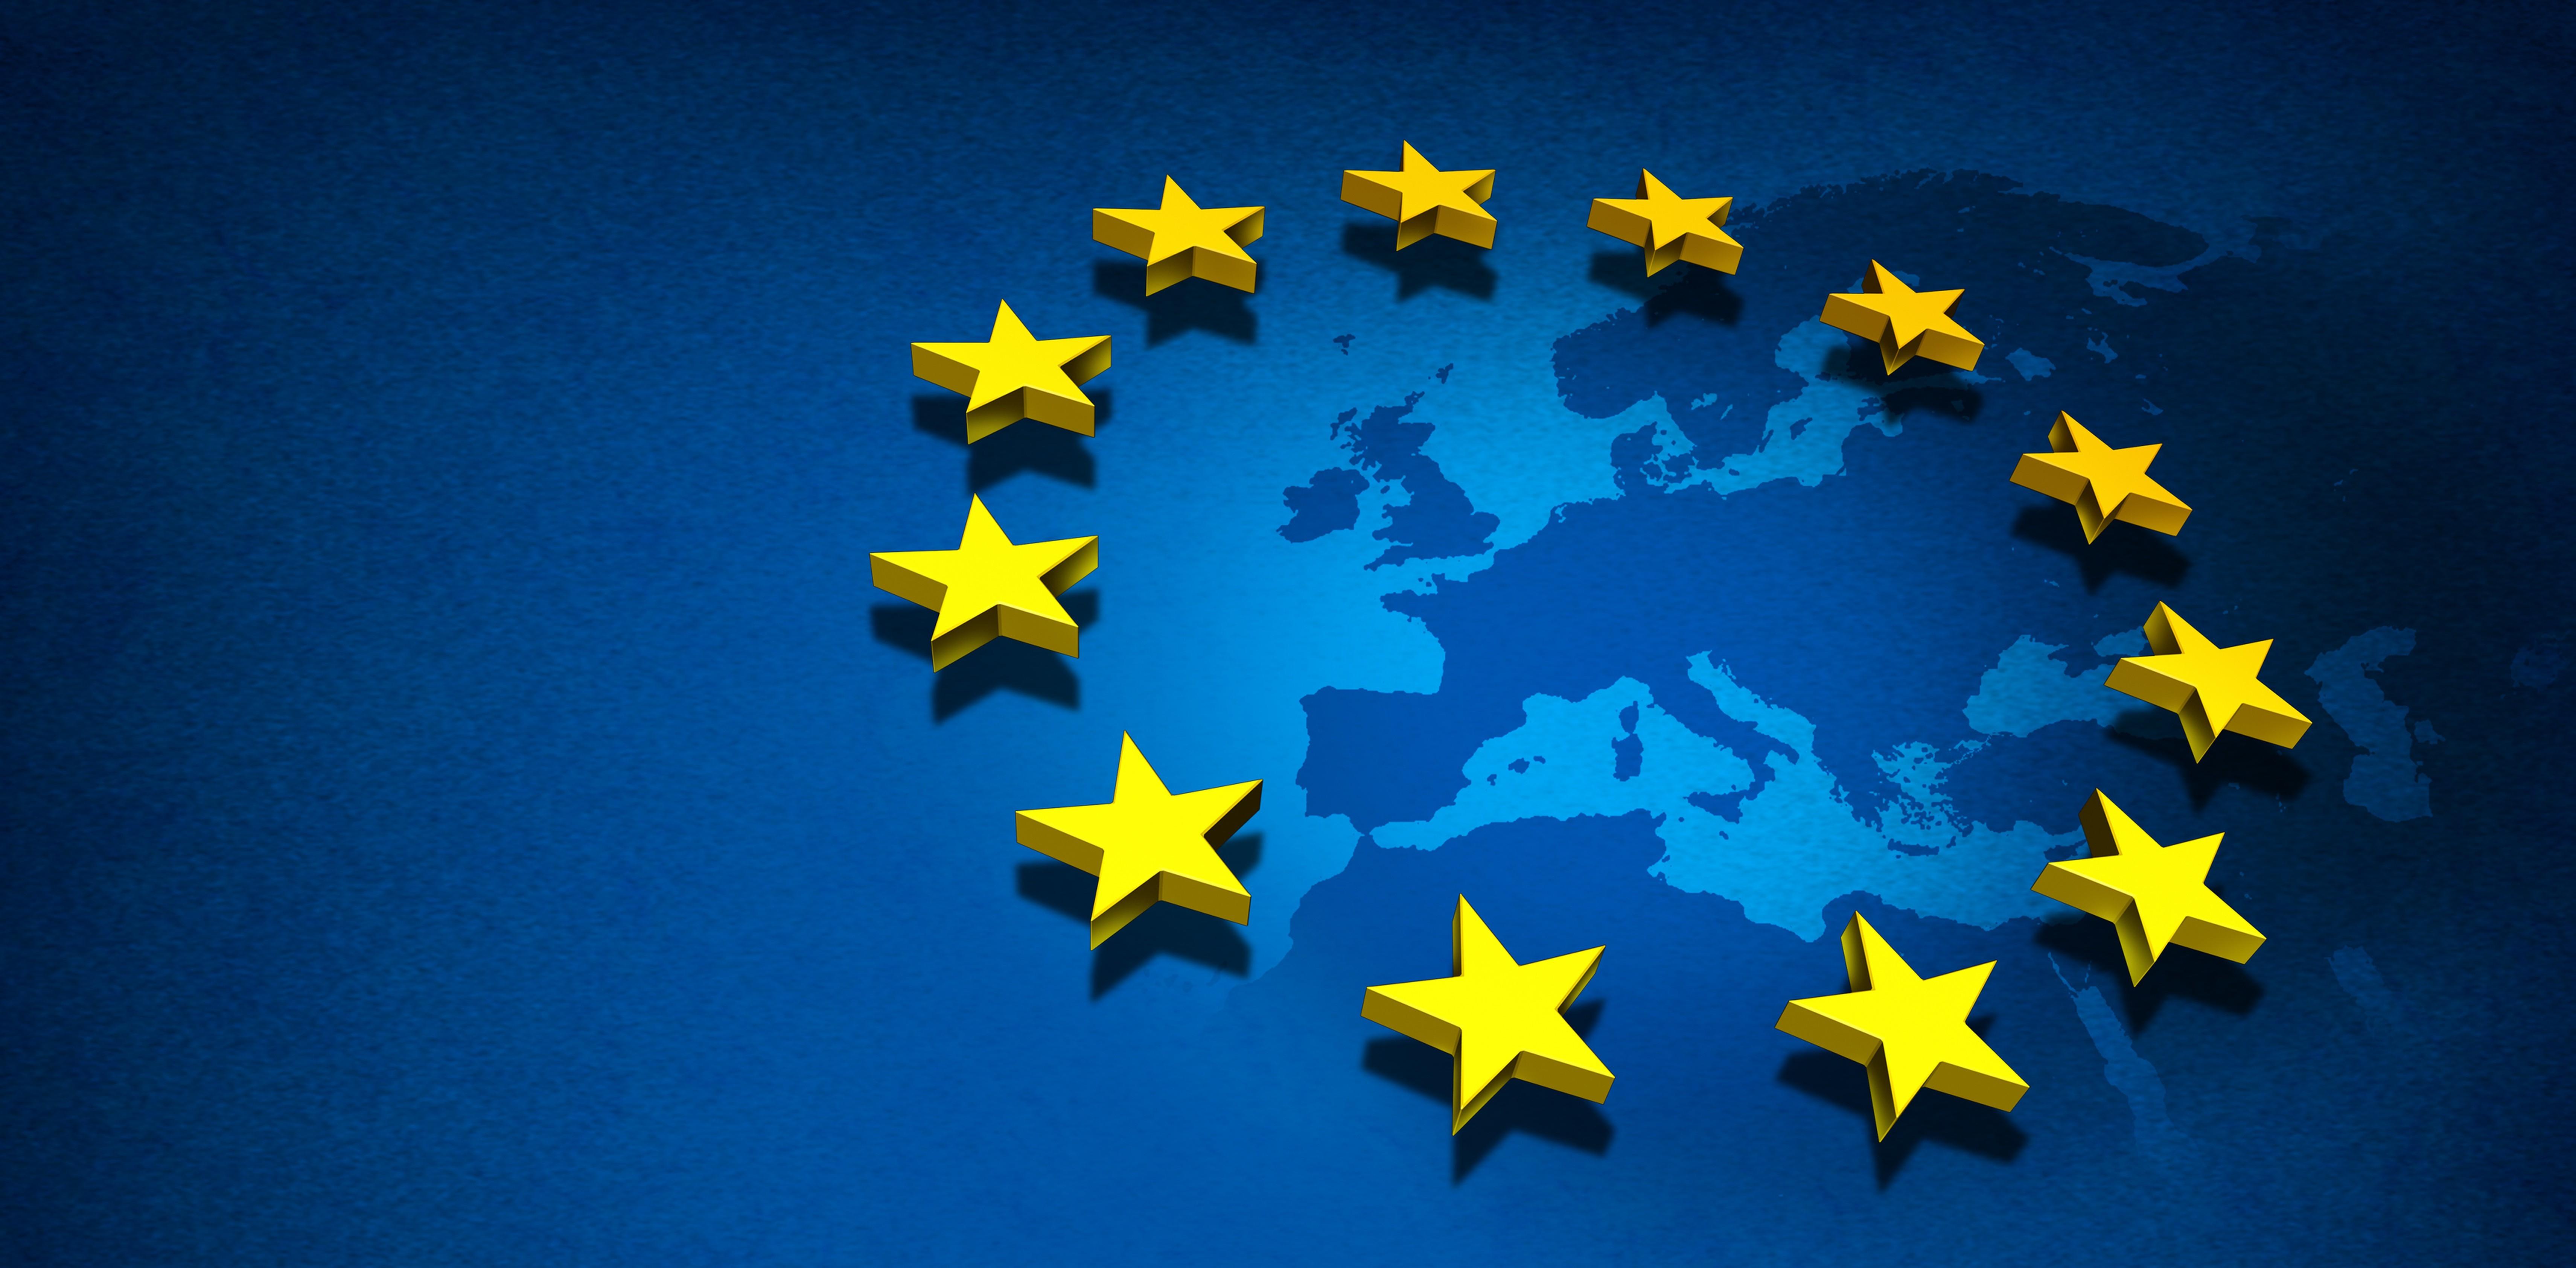 EP-választás - Május 22-ig kérhetik átjelentkezésüket a szavazók